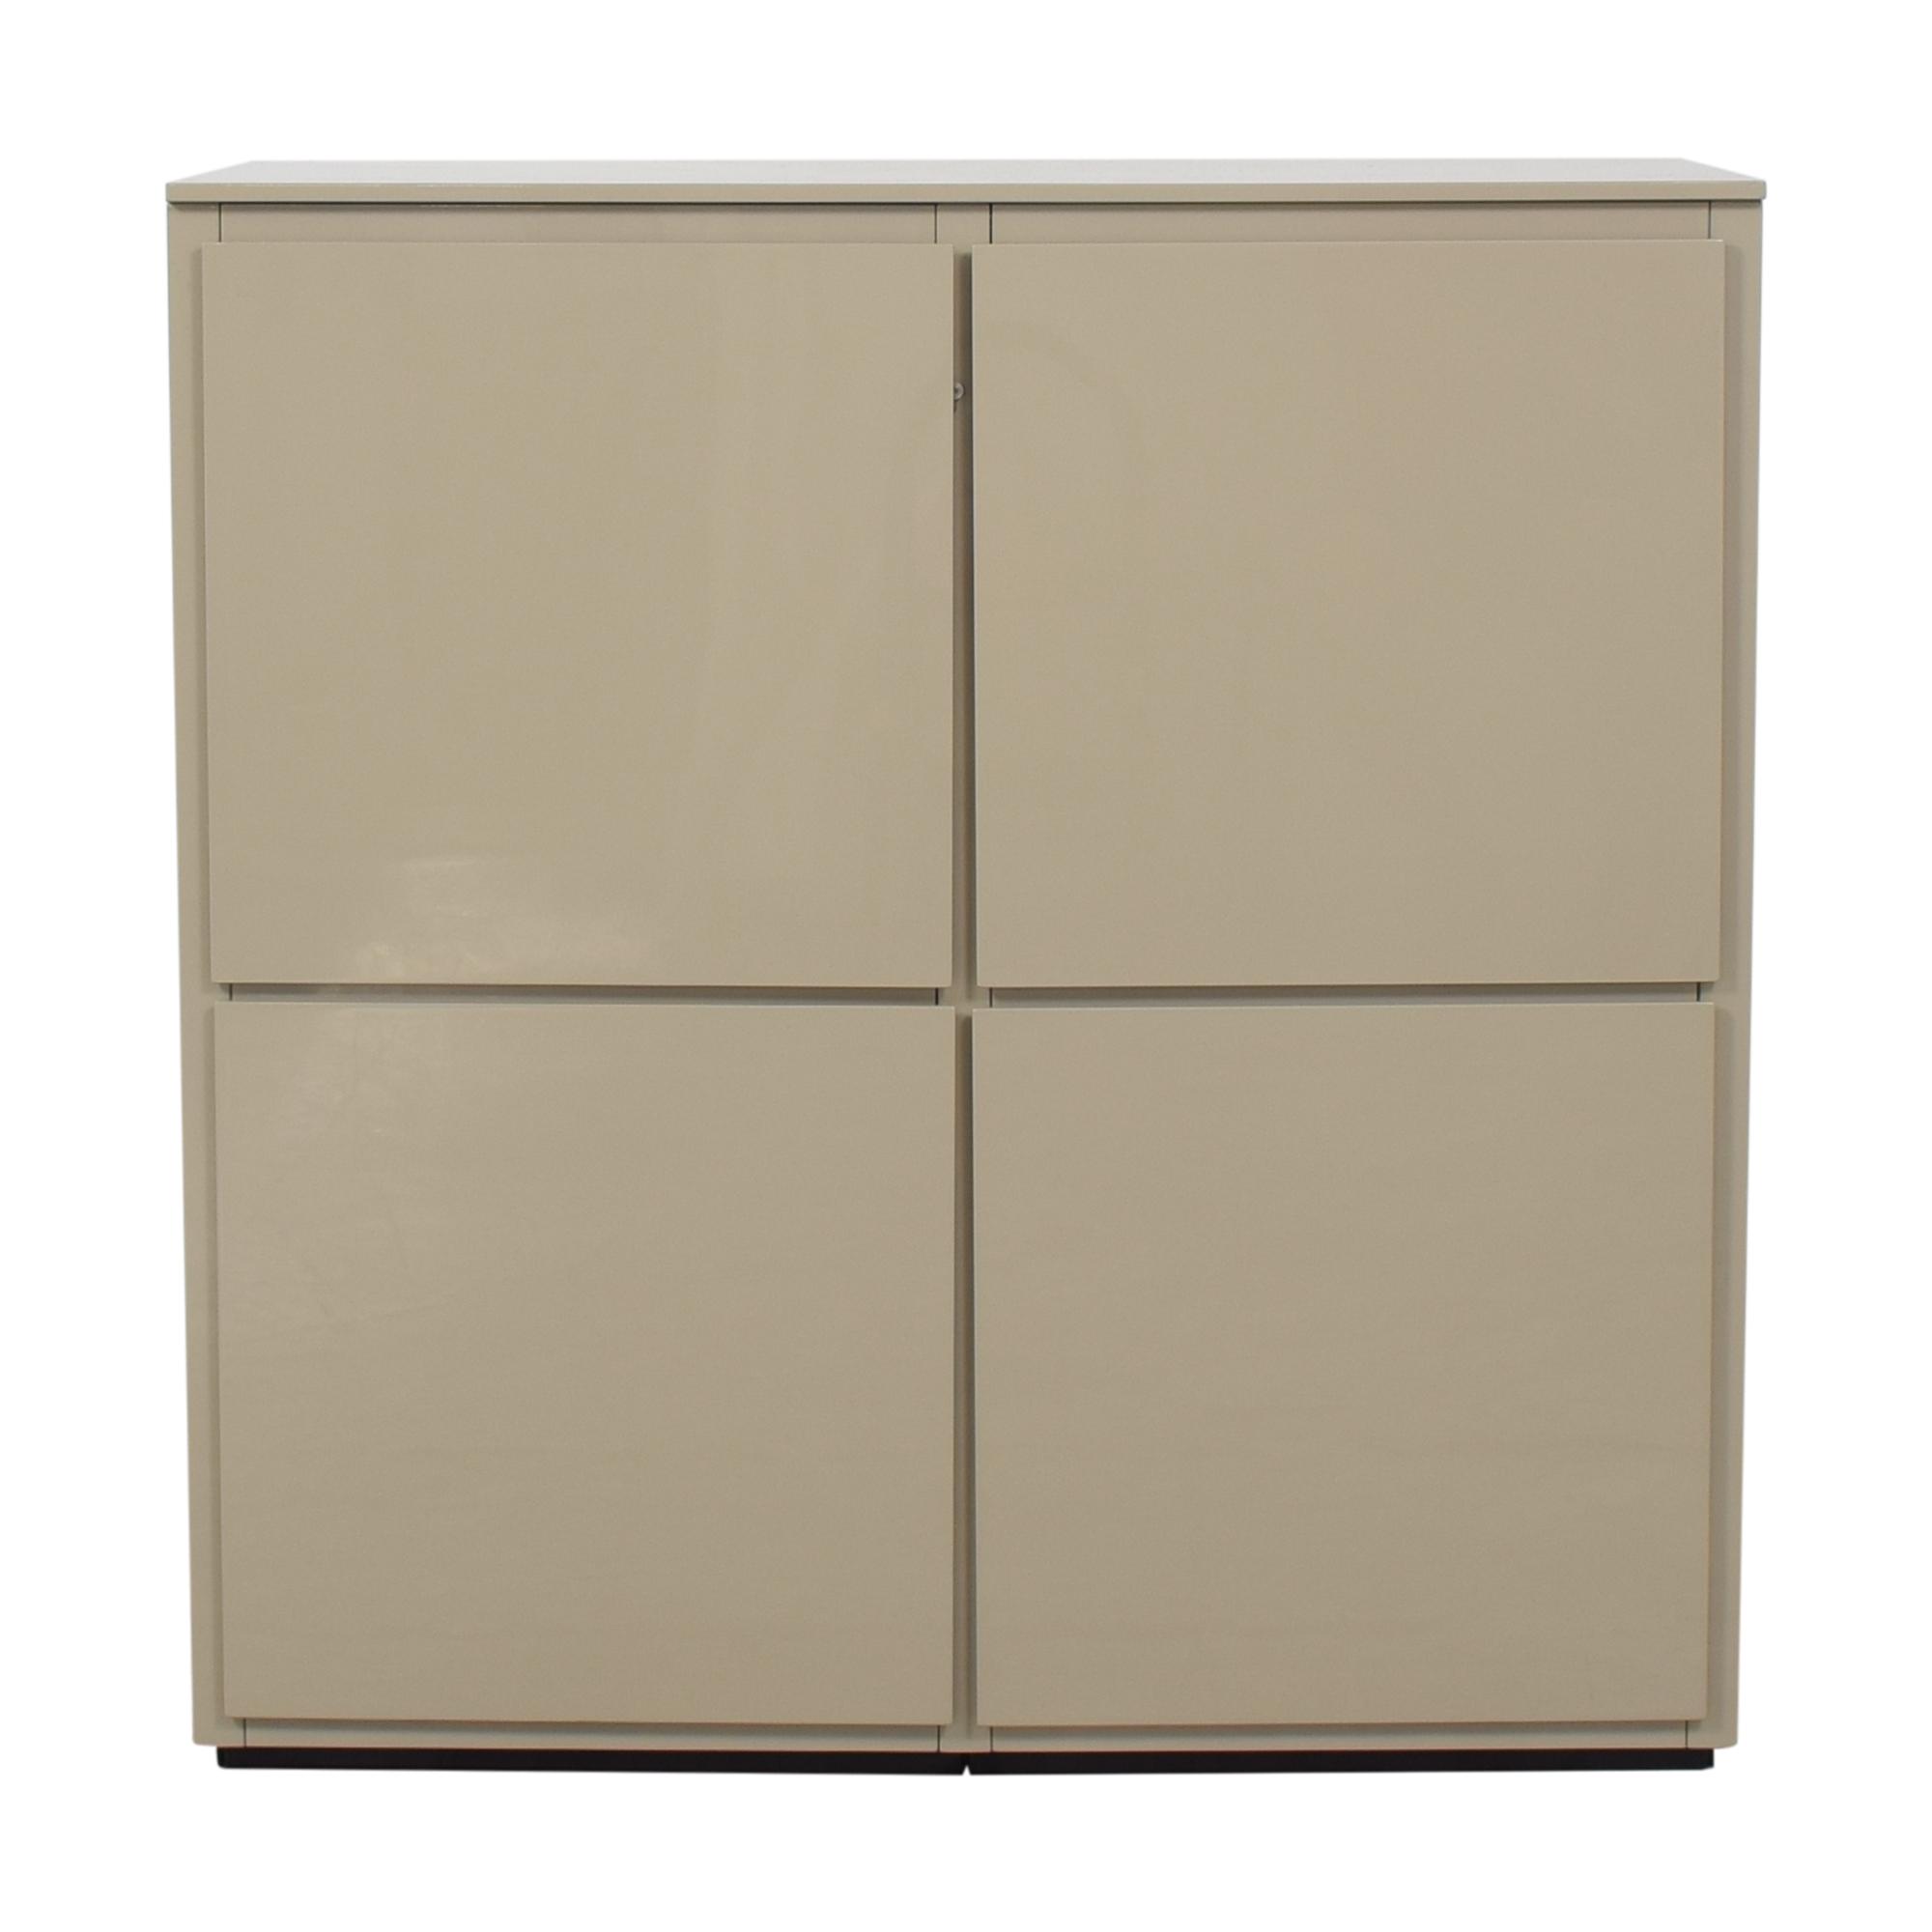 shop Poliform Modern Cabinet Poliform Cabinets & Sideboards